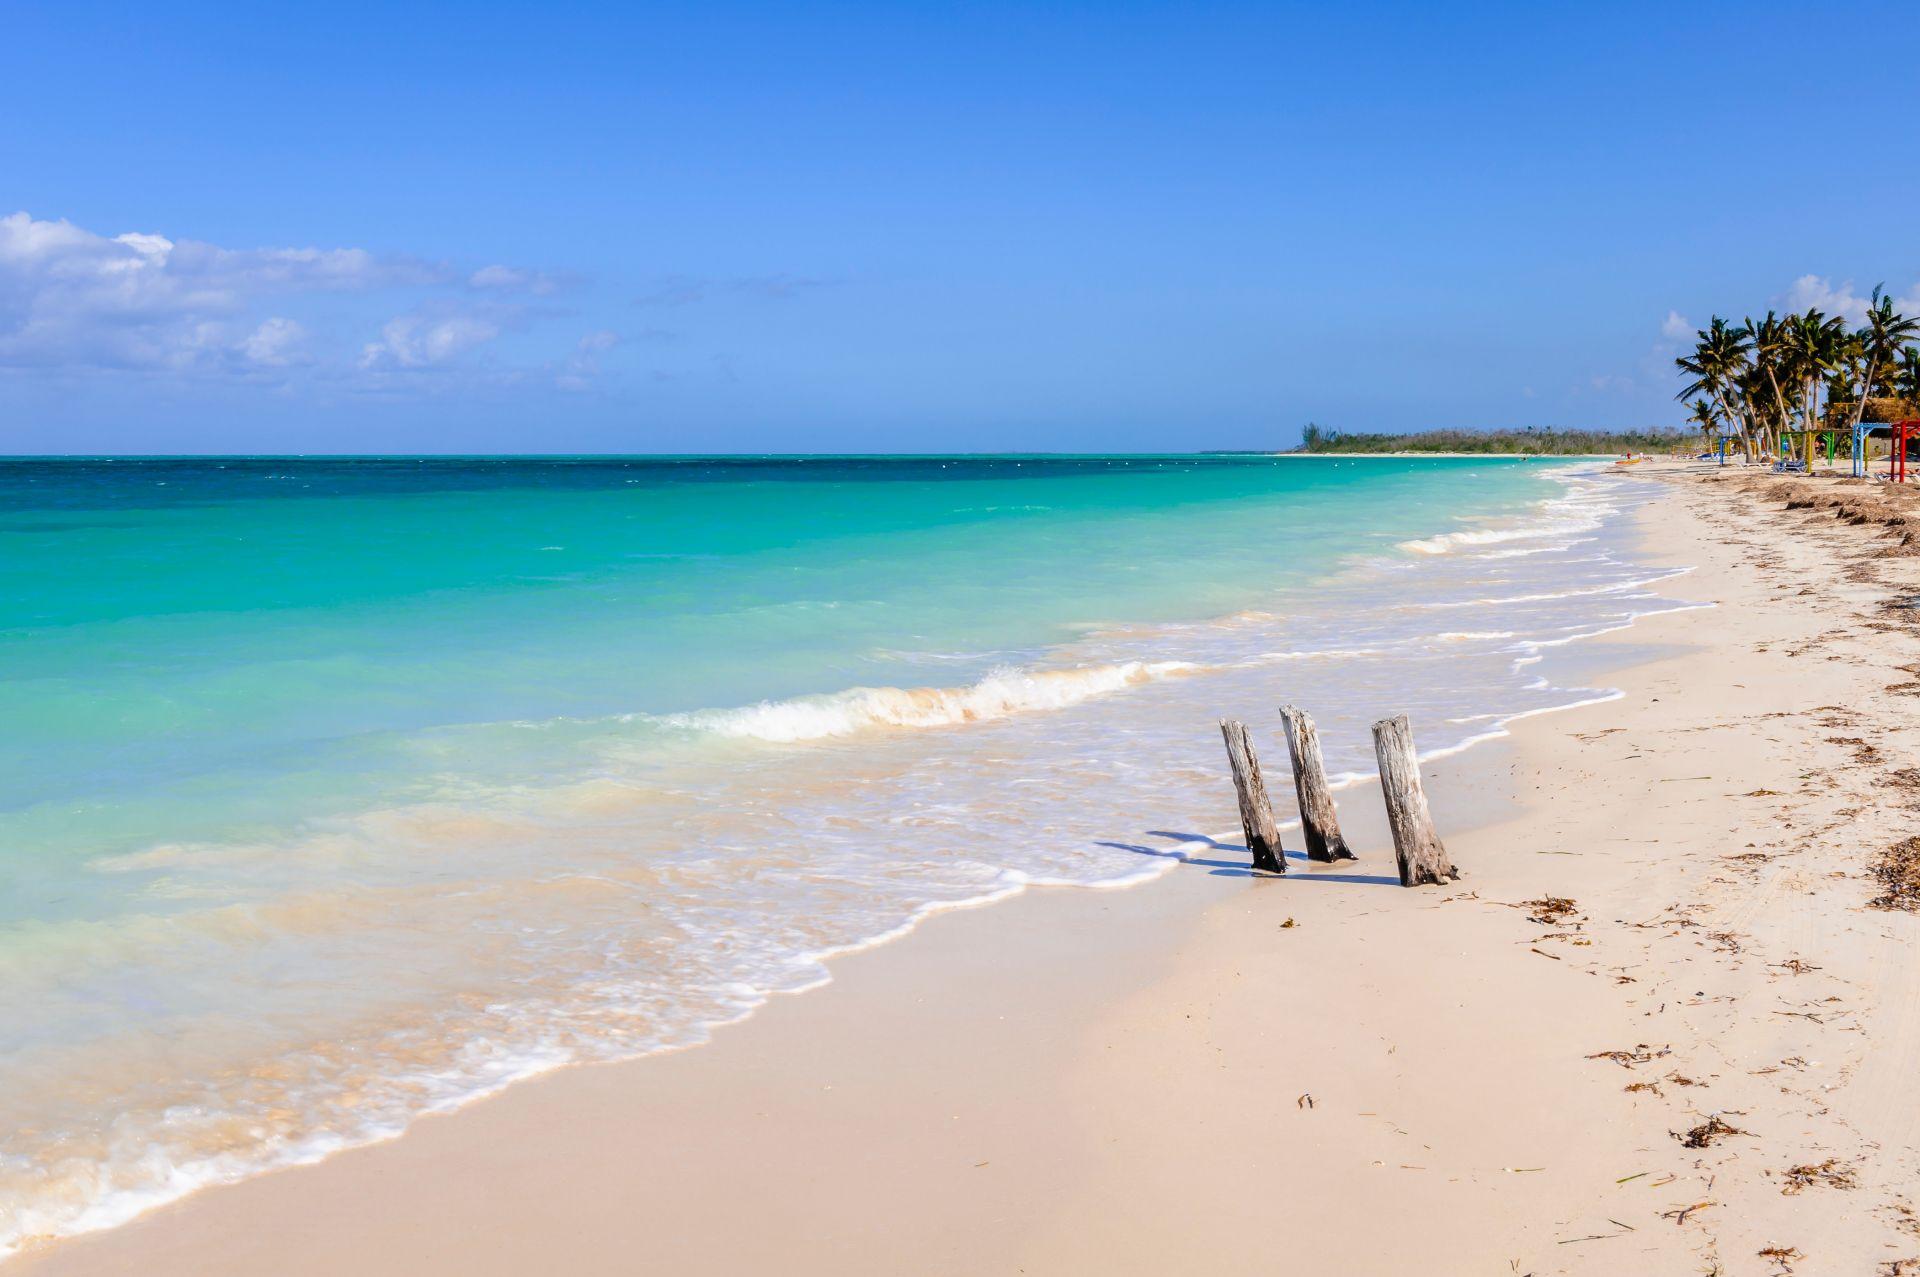 Călătorie self-drive în Cuba, de la Havana la Vinales și Trinidad